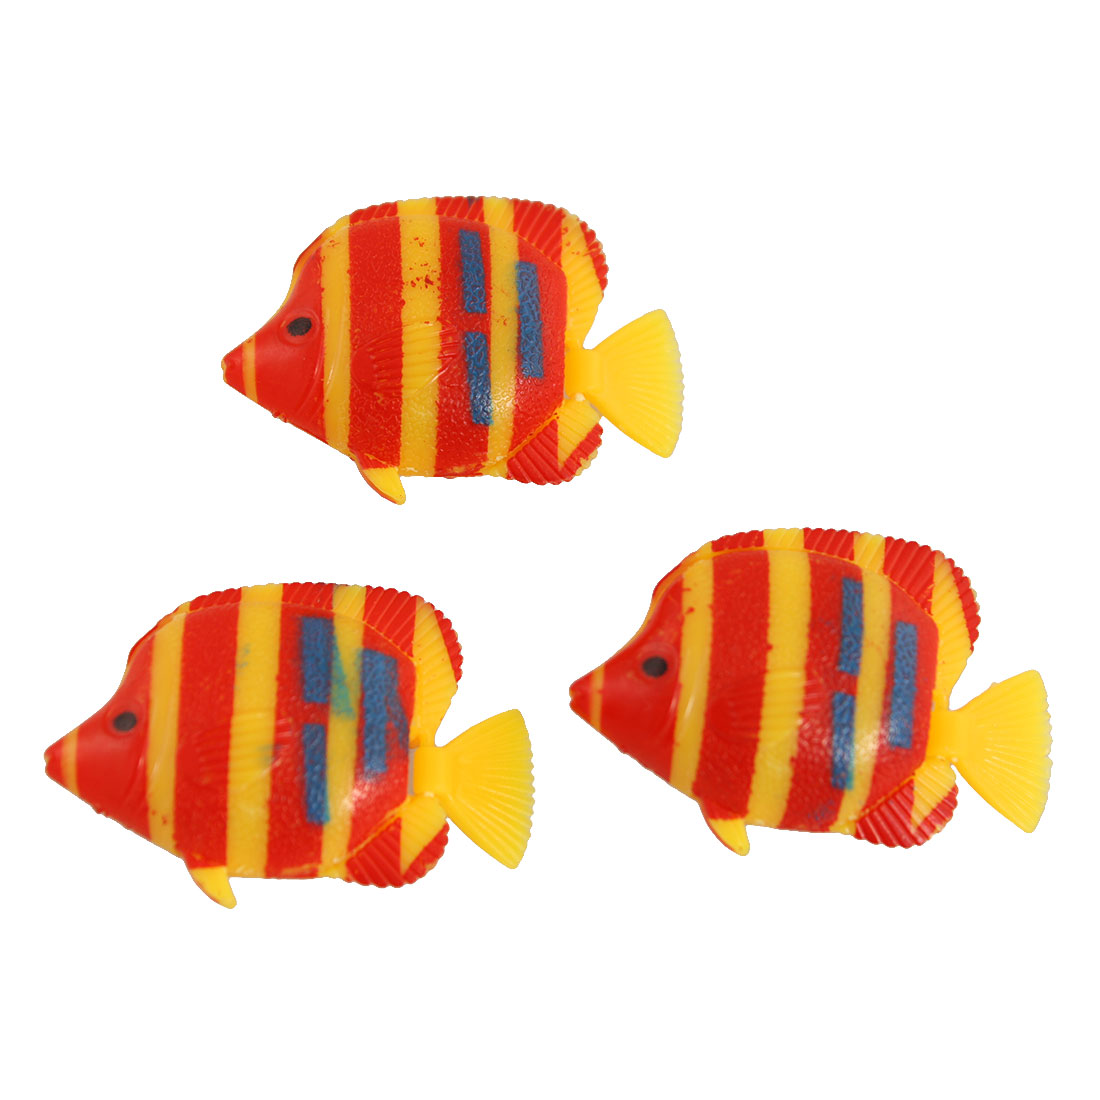 Unique Bargains 3 Pcs Red Yellow Plastic Fish Decor for Aquarium Tank